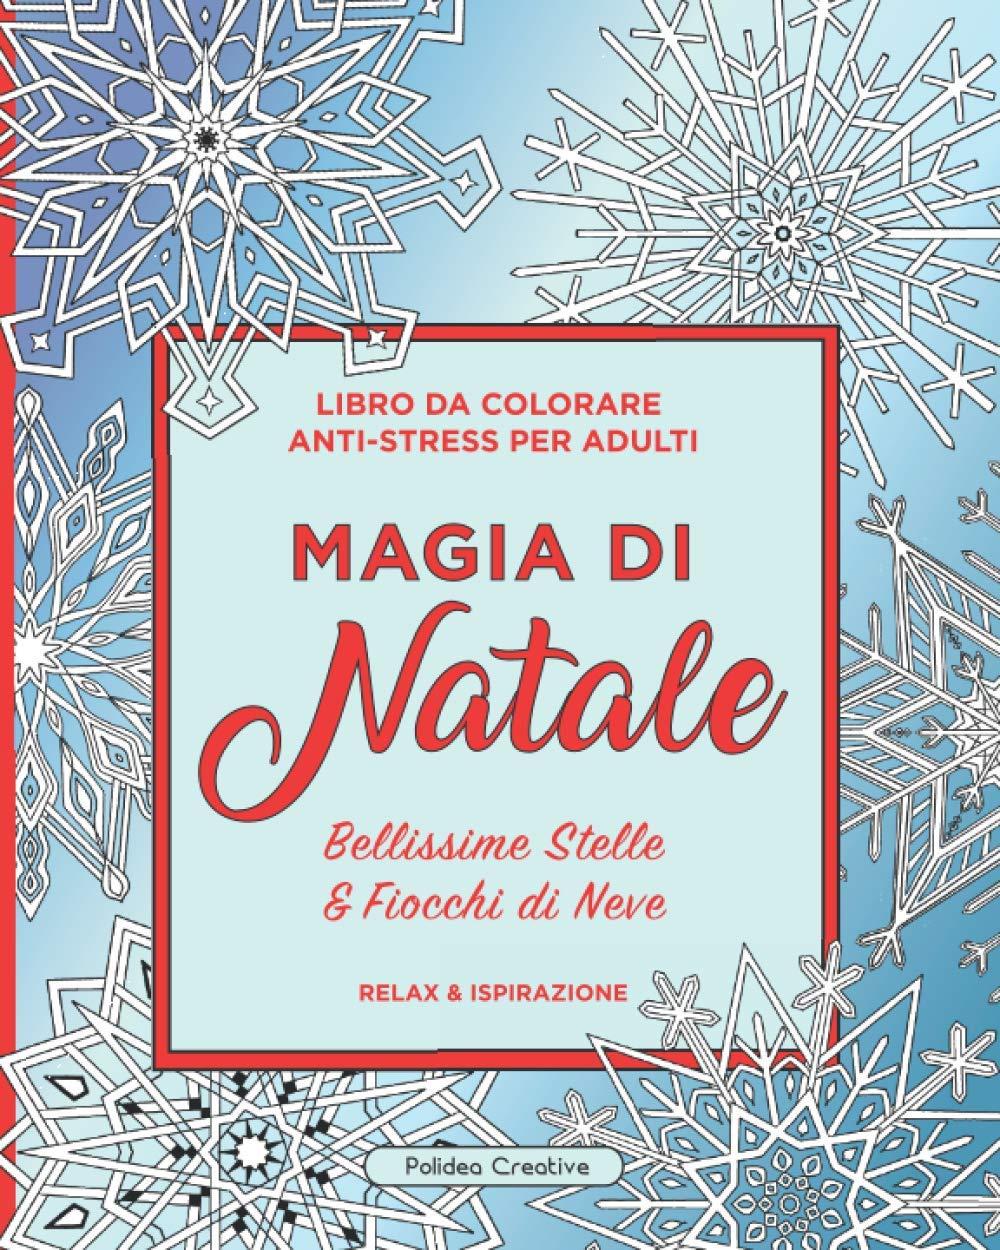 Disegni Di Natale Da Colorare Per Adulti.Magia Di Natale Libro Da Colorare Anti Stress Per Adulti Bellissime Stelle Fiocchi Di Neve Amazon It Polidea Creative Libri